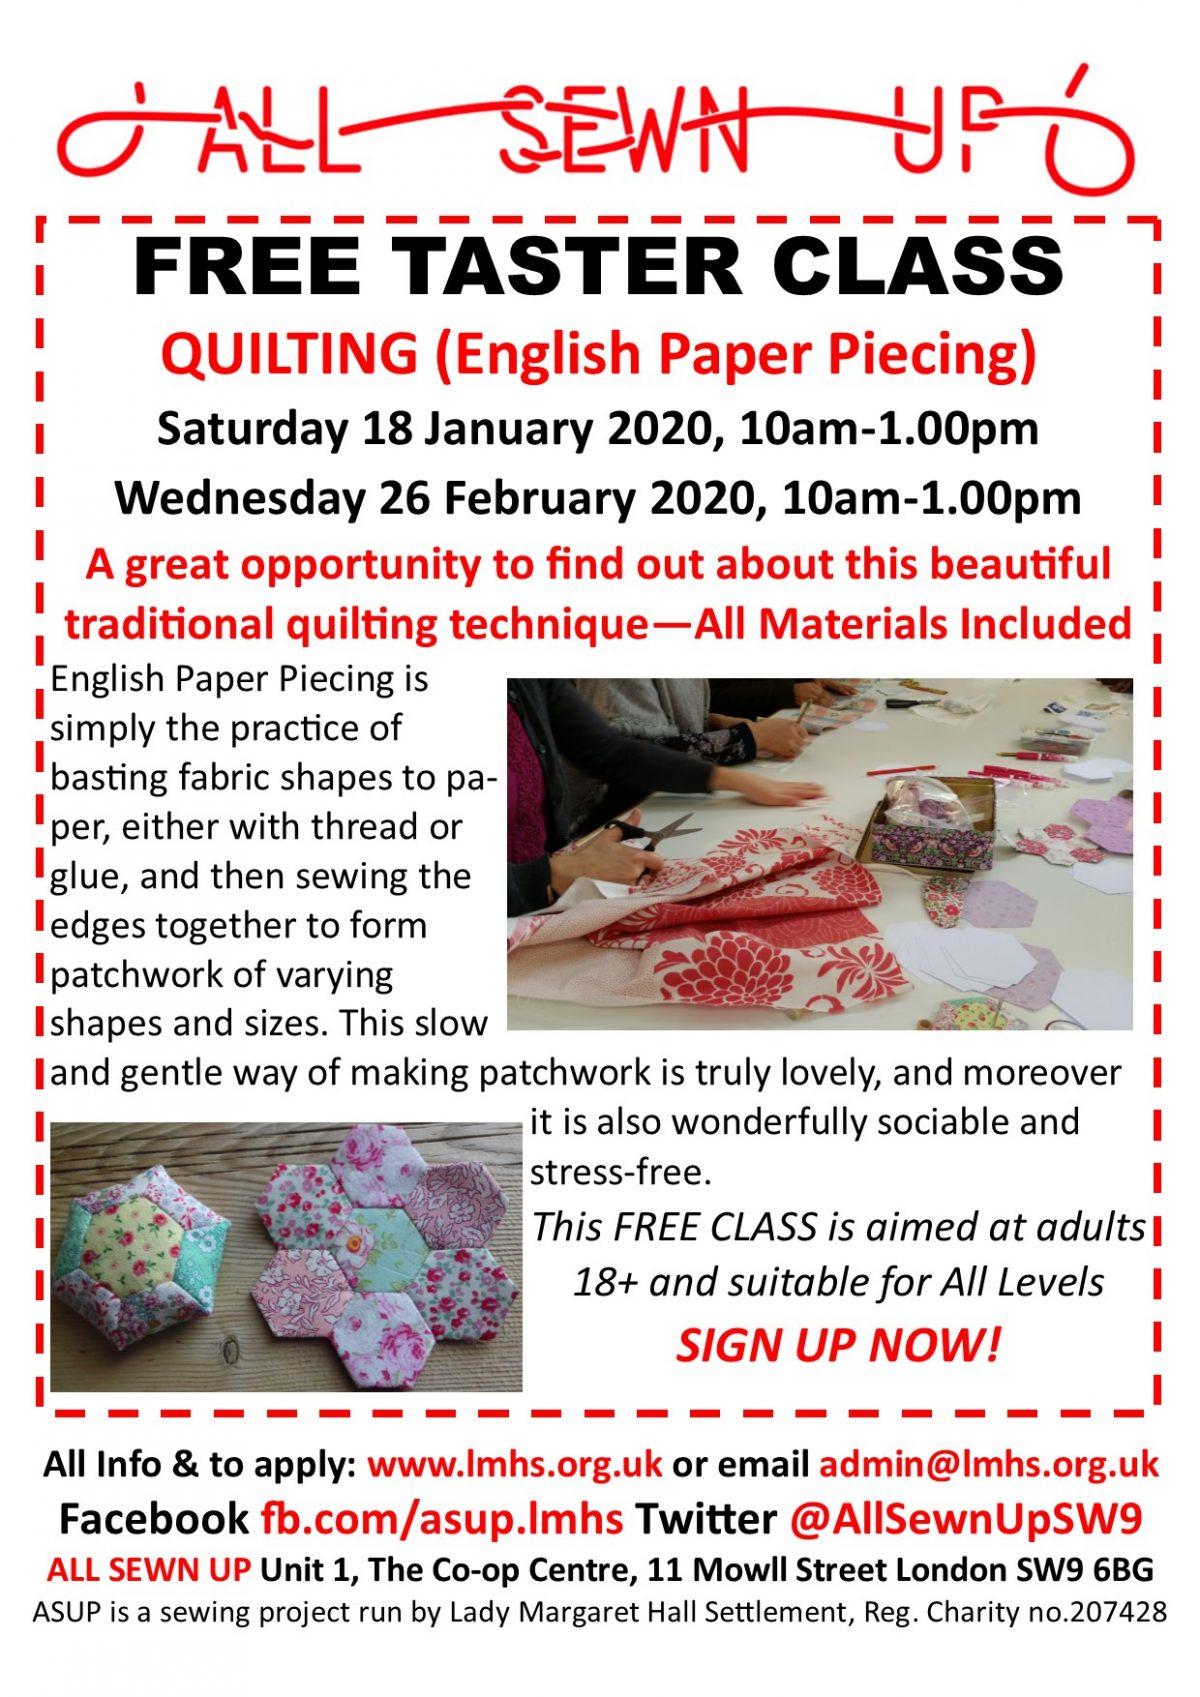 FREE QUILTING TASTER CLASS Saturday 18 Jan 2020